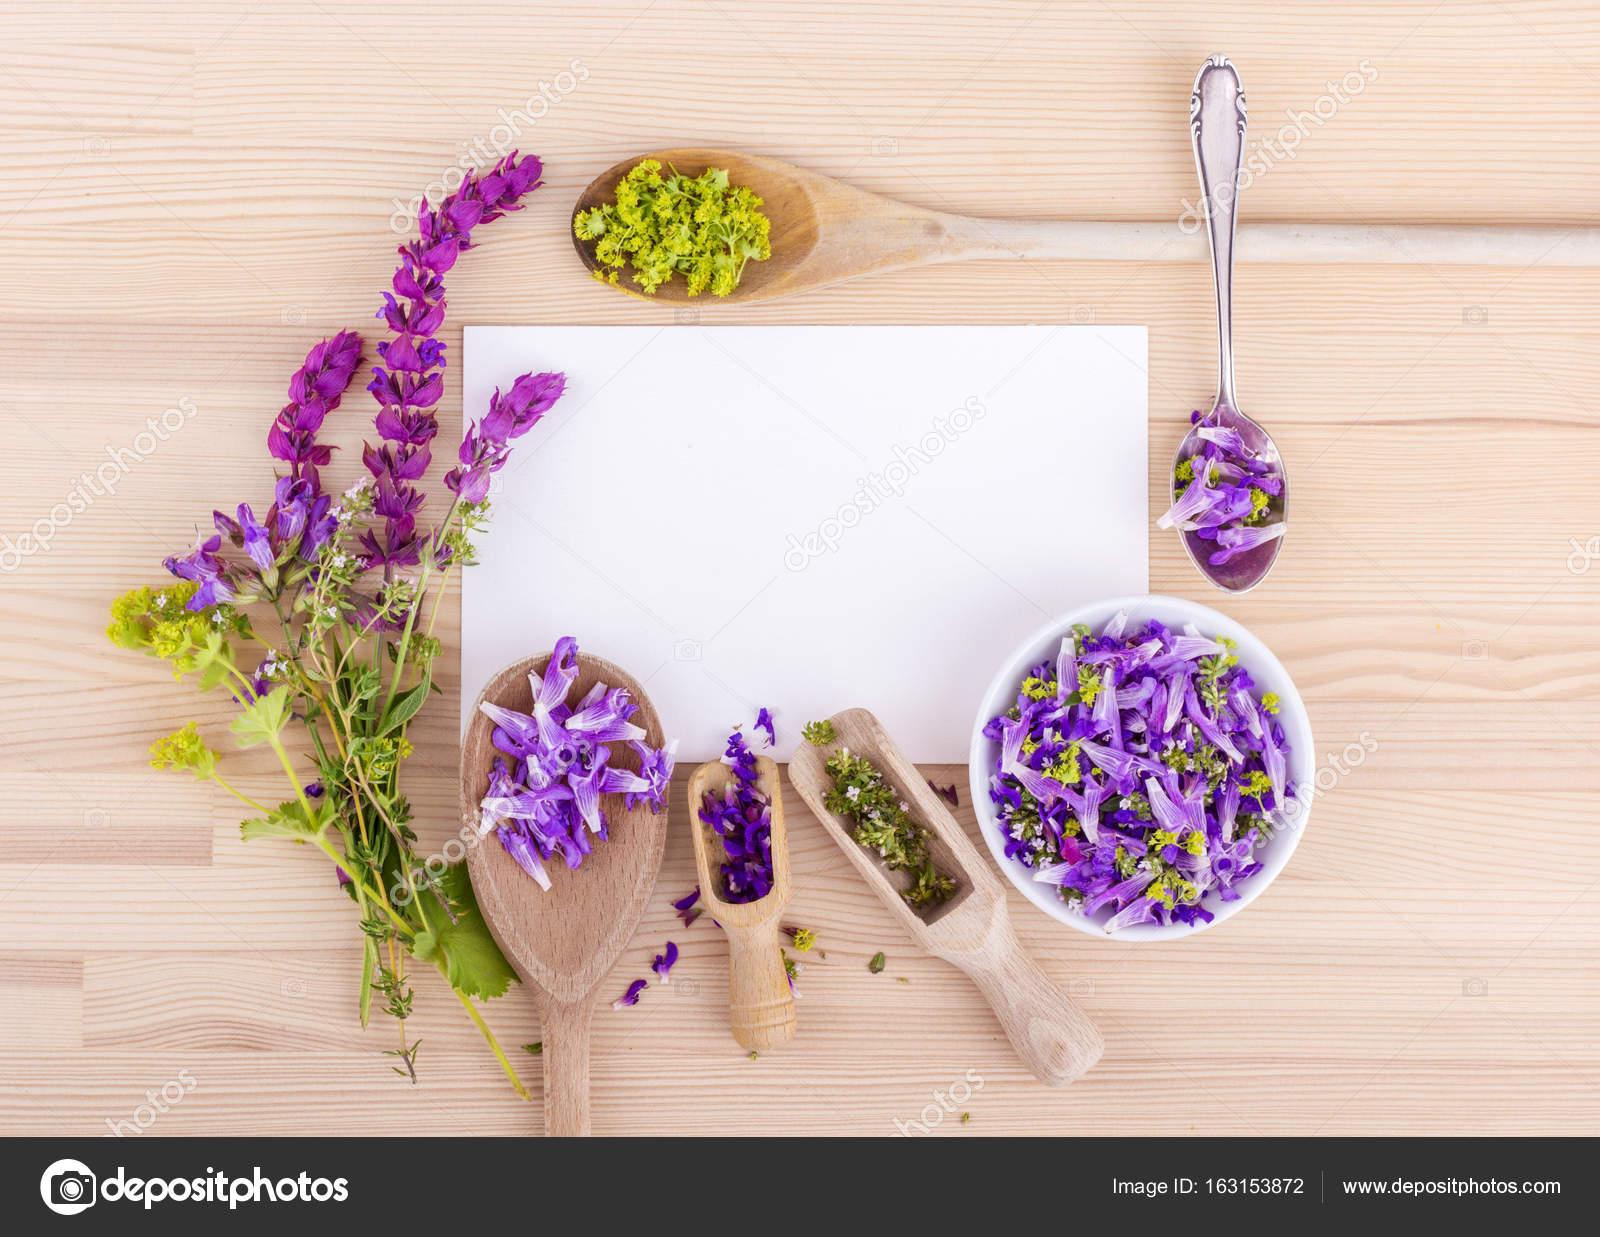 Afbeeldingen Eetbare Bloemen